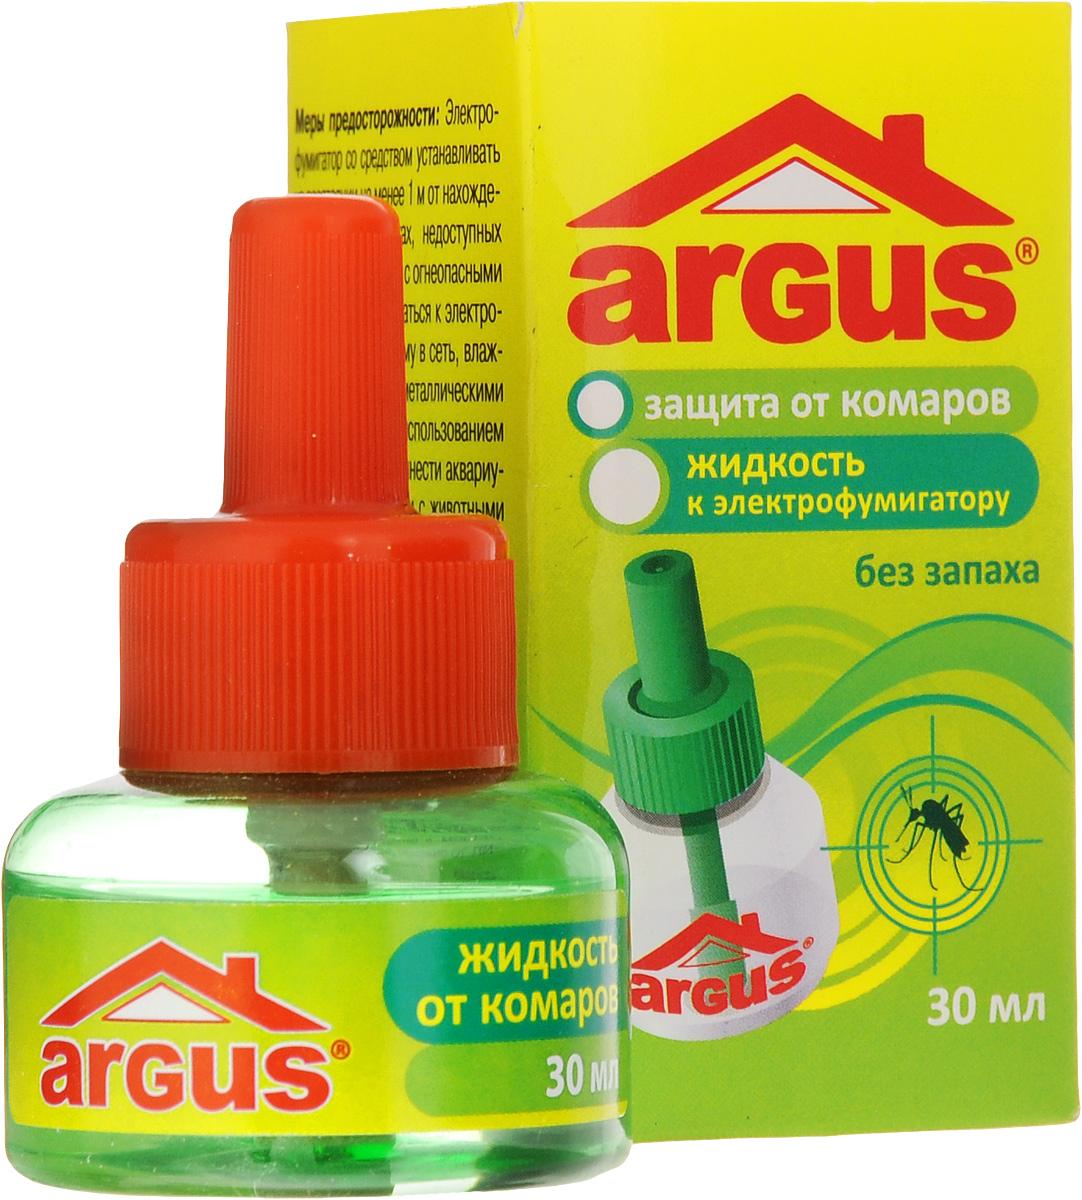 """Жидкость от комаров """"Argus"""", без запаха, 30 мл СЗ.020001"""